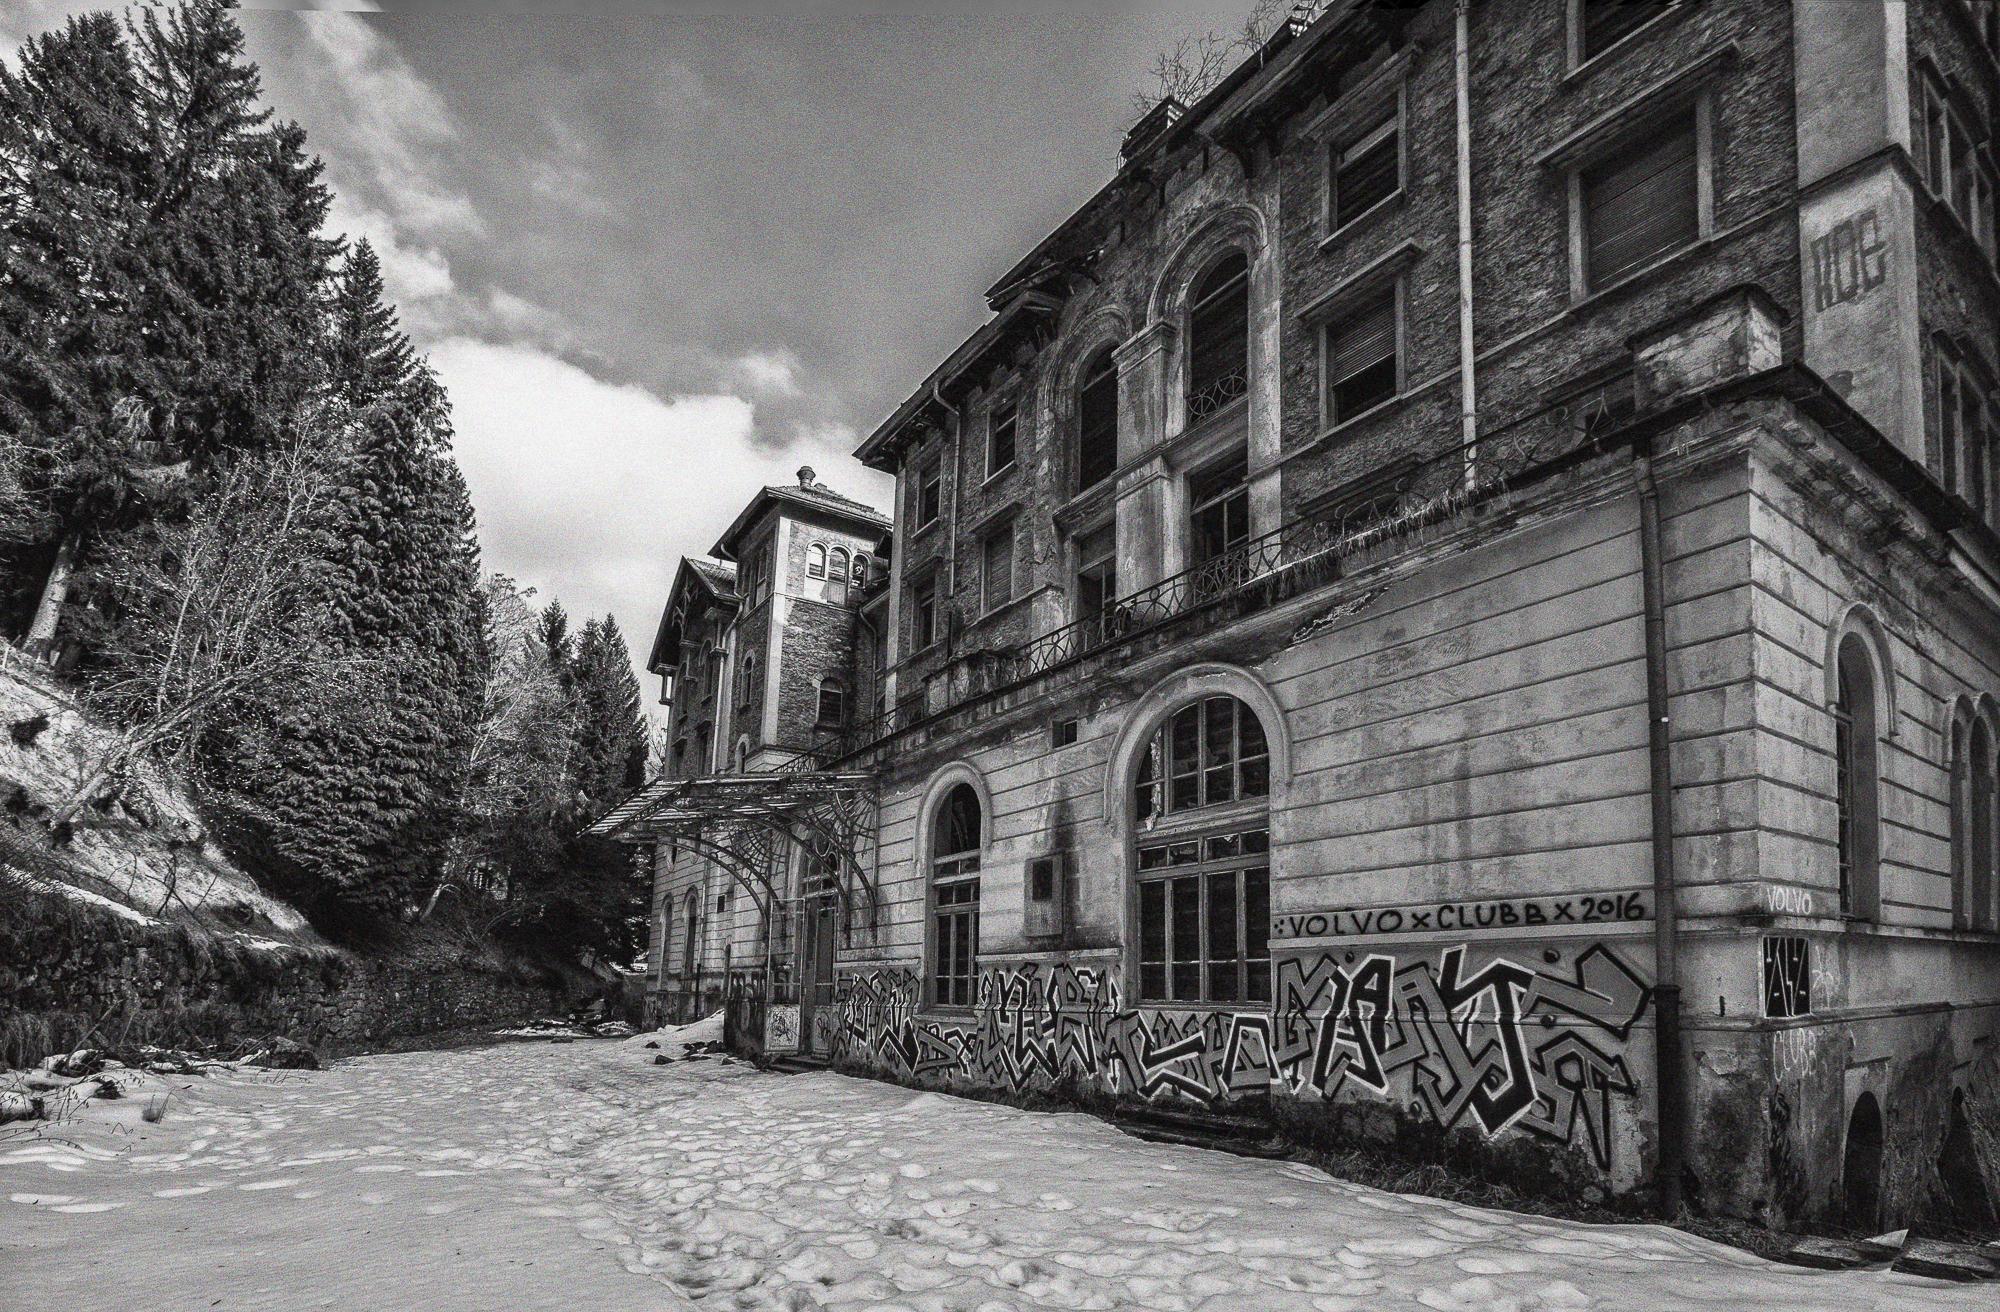 Sanatorium-Tessin-Schweiz-Unheimlicher Besuch